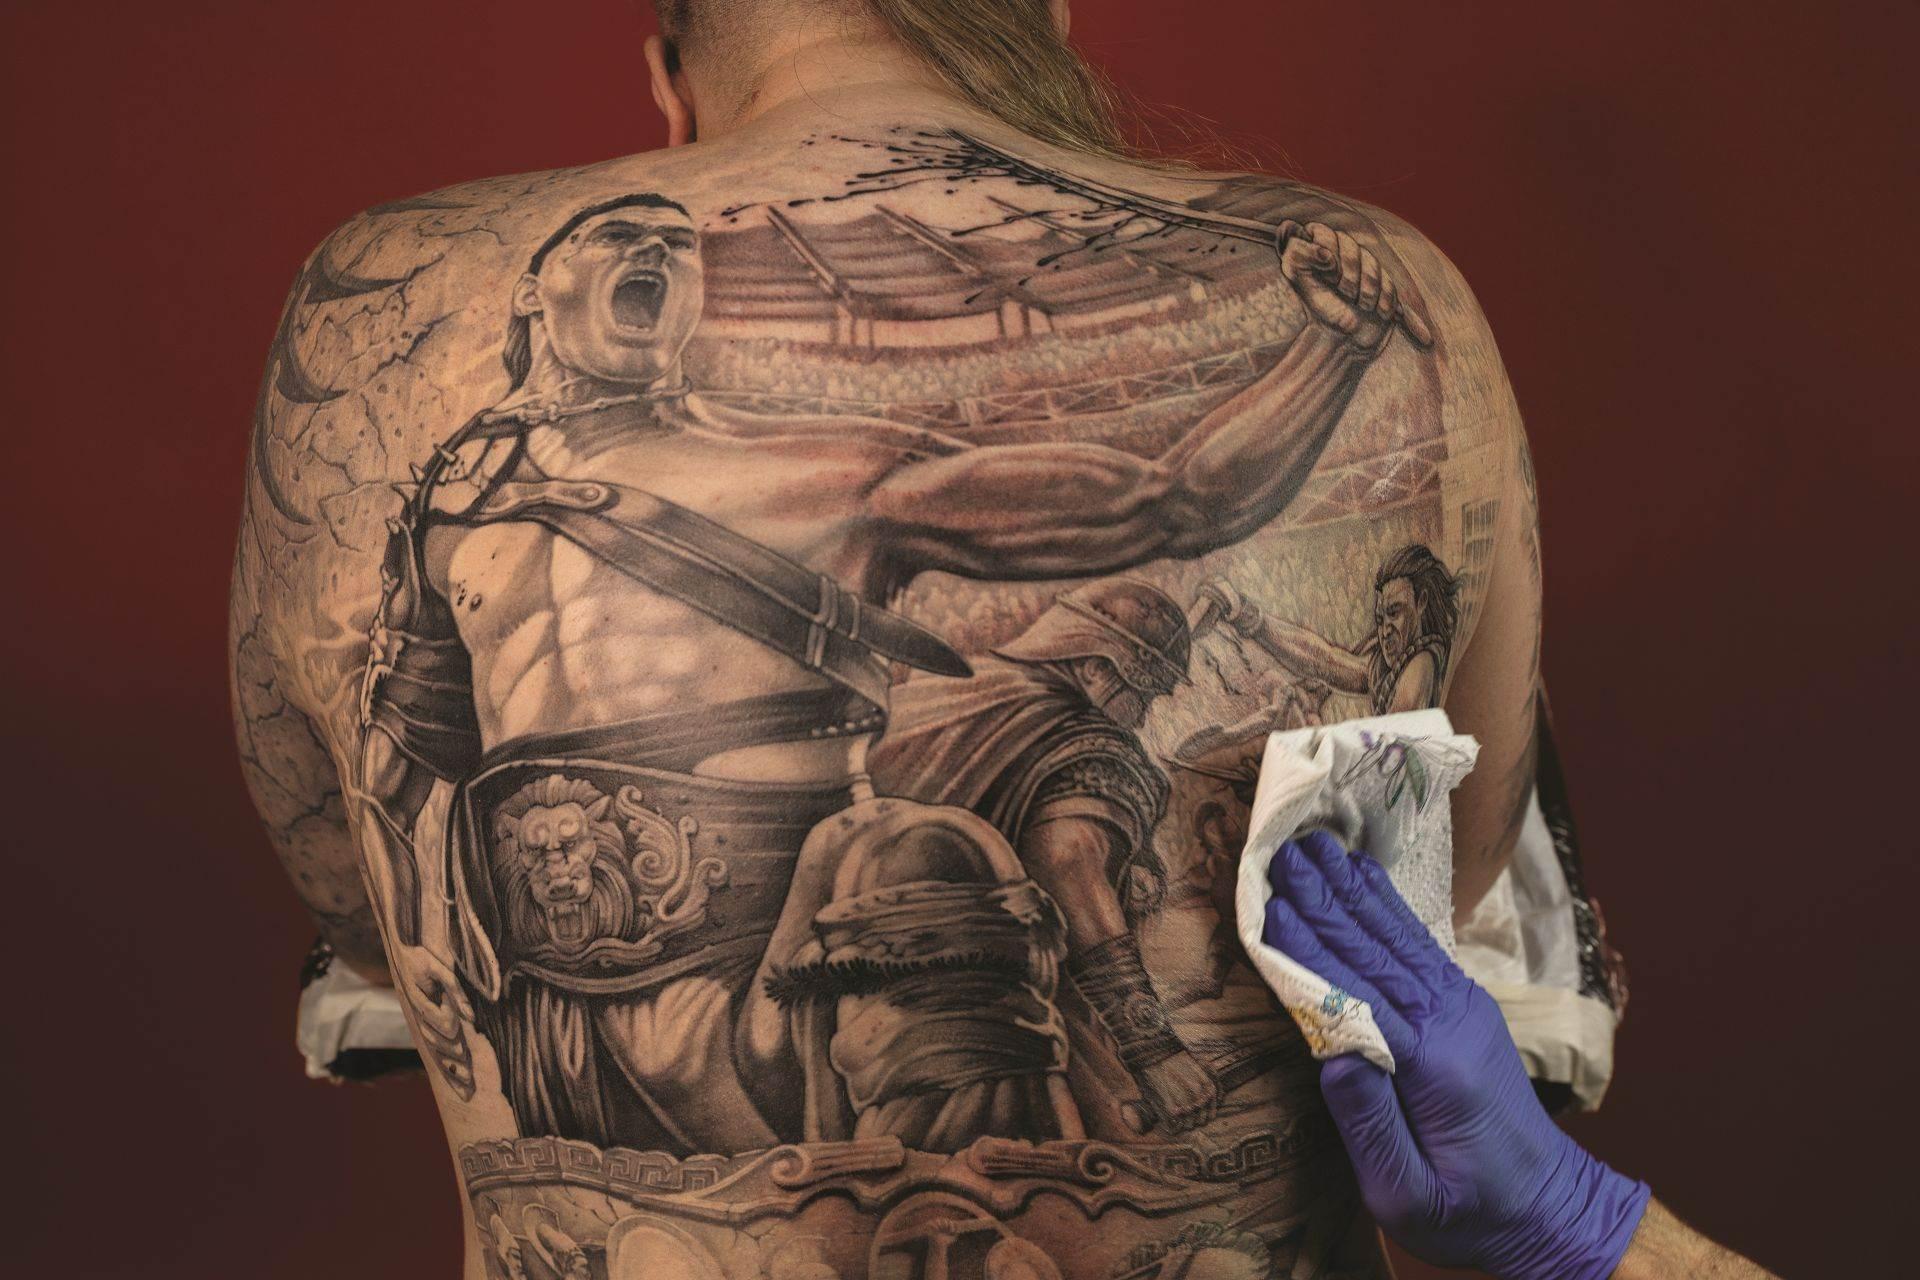 Zahar Nikmatulin očaran je gladijatorima otkad je gledao film Spartak iz 1960. godine. Za prizor na njegovim leđima majstoru tetovaže Aleksanderu Kosaču trebalo je 25 sati da ga nacrta i istetovira.